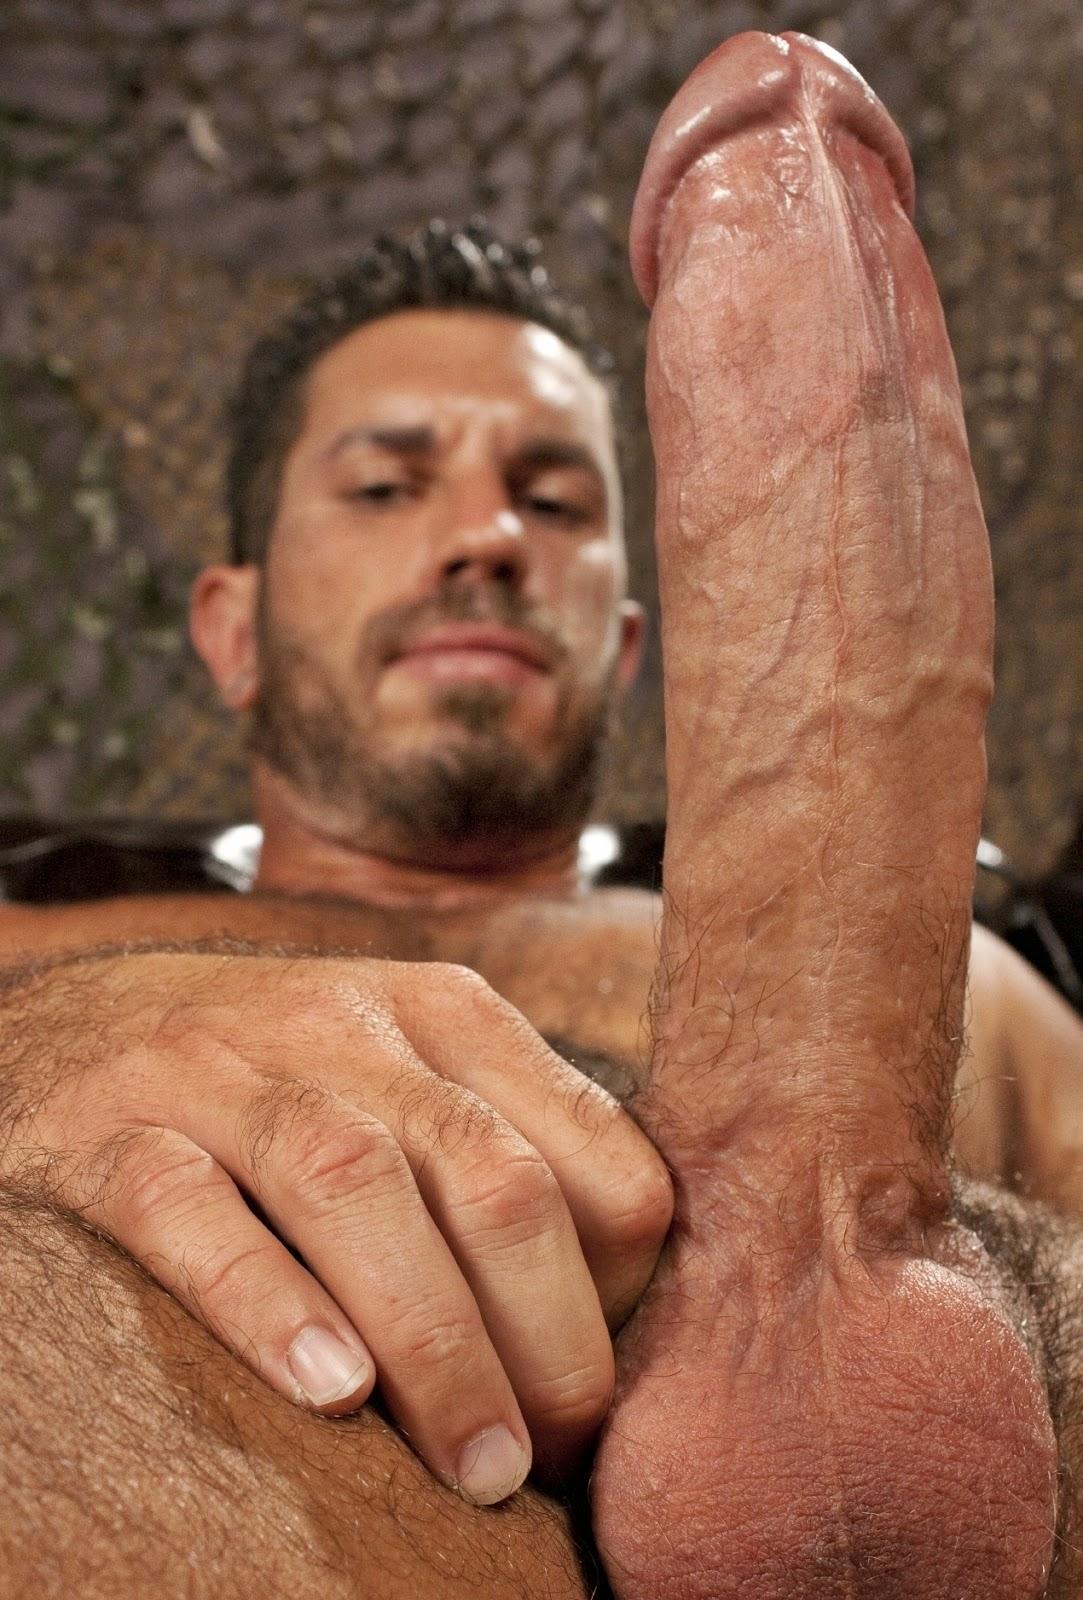 Actoresw Porno actores porno y sus maravillosos trozos de carne poringa